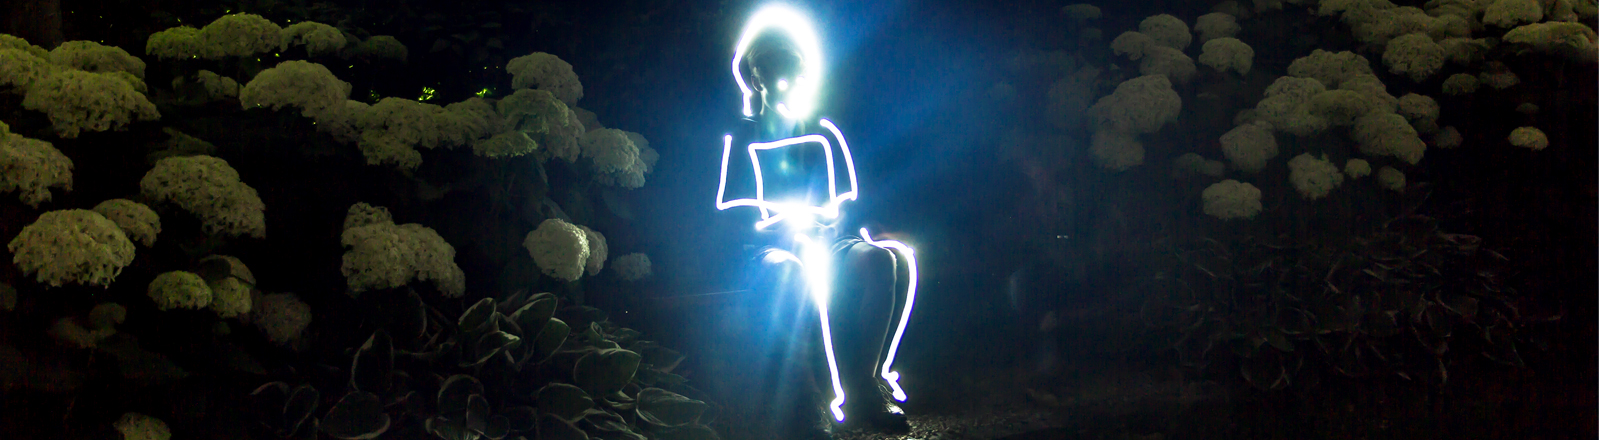 Lichtmalerei von einem Piktogramm Männchen auf einer Parkbank